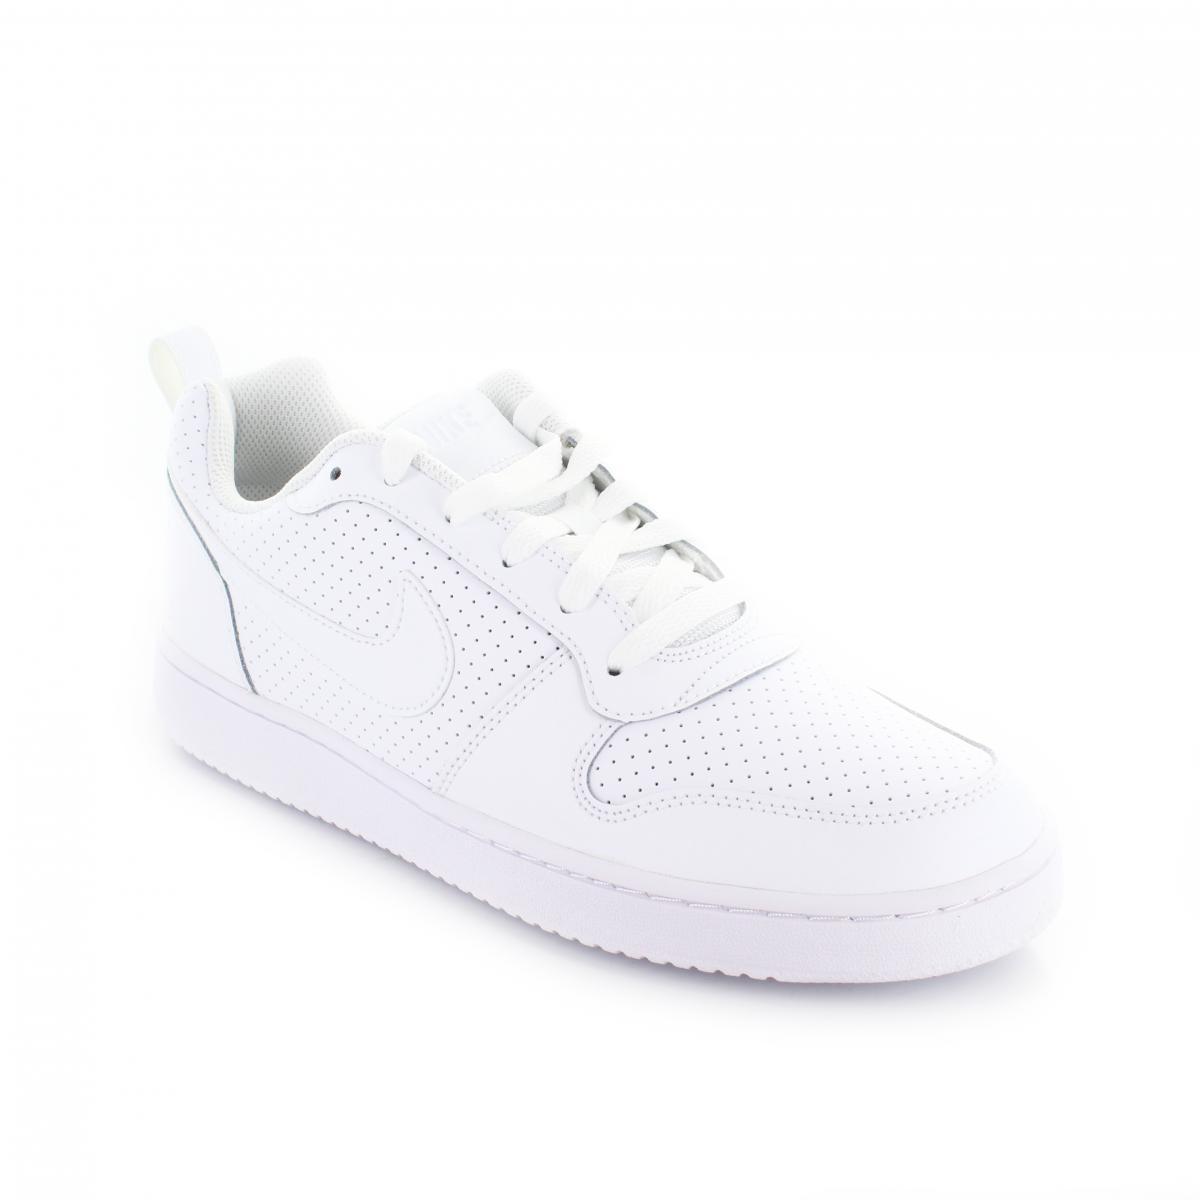 Tenis marca Nike modelo 838937 Blanco 111 Color Blanco 838937 cb77ec